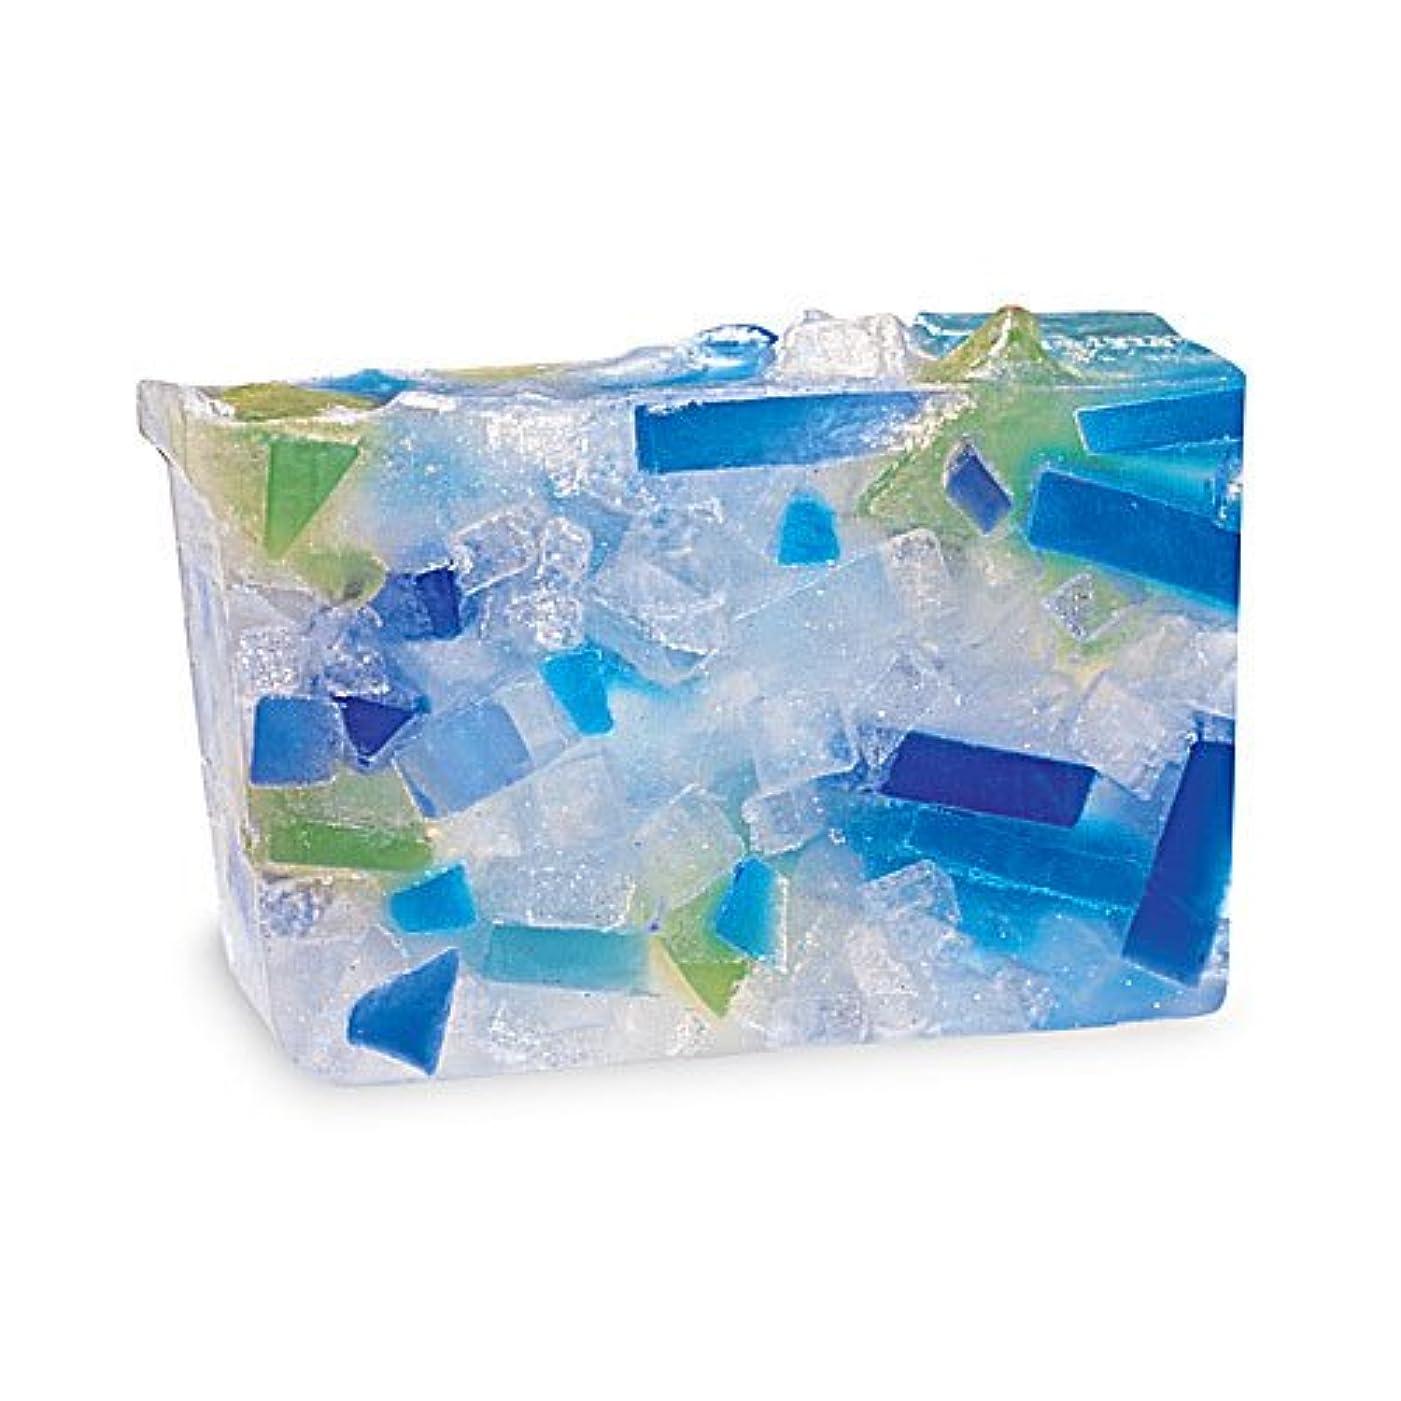 亡命計算可能融合プライモールエレメンツ アロマティック ソープ ビーチグラス 180g 植物性 ナチュラル 石鹸 無添加